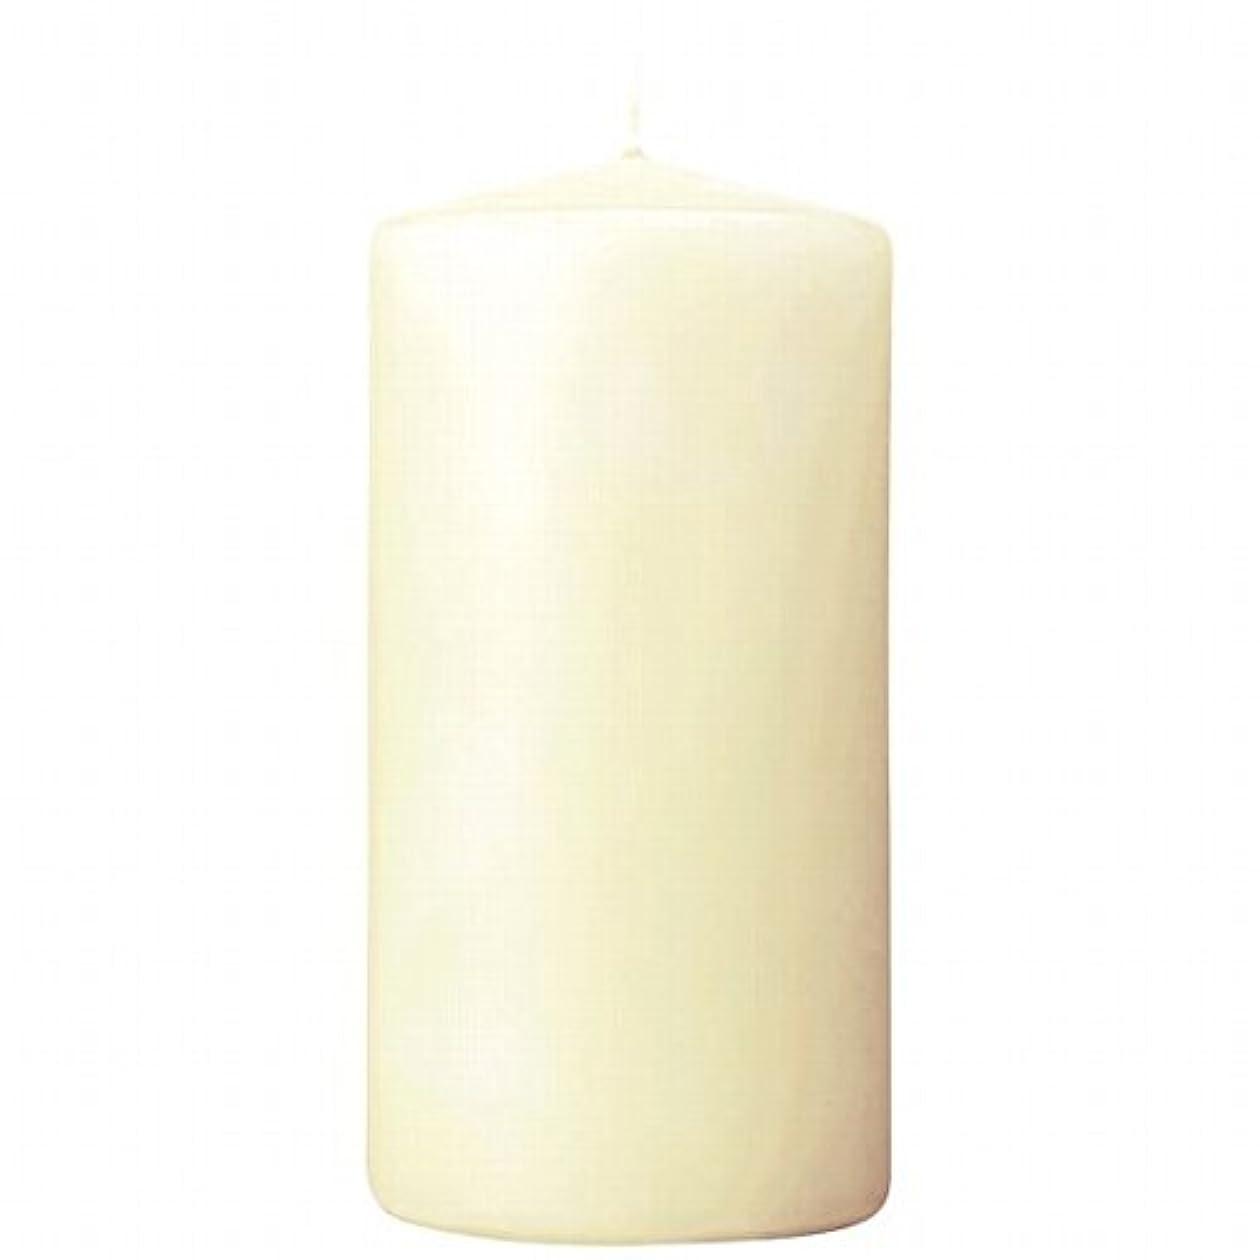 すり減る高める記憶カメヤマキャンドル(kameyama candle) 3×6ベルトップピラーキャンドル 「 アイボリー 」